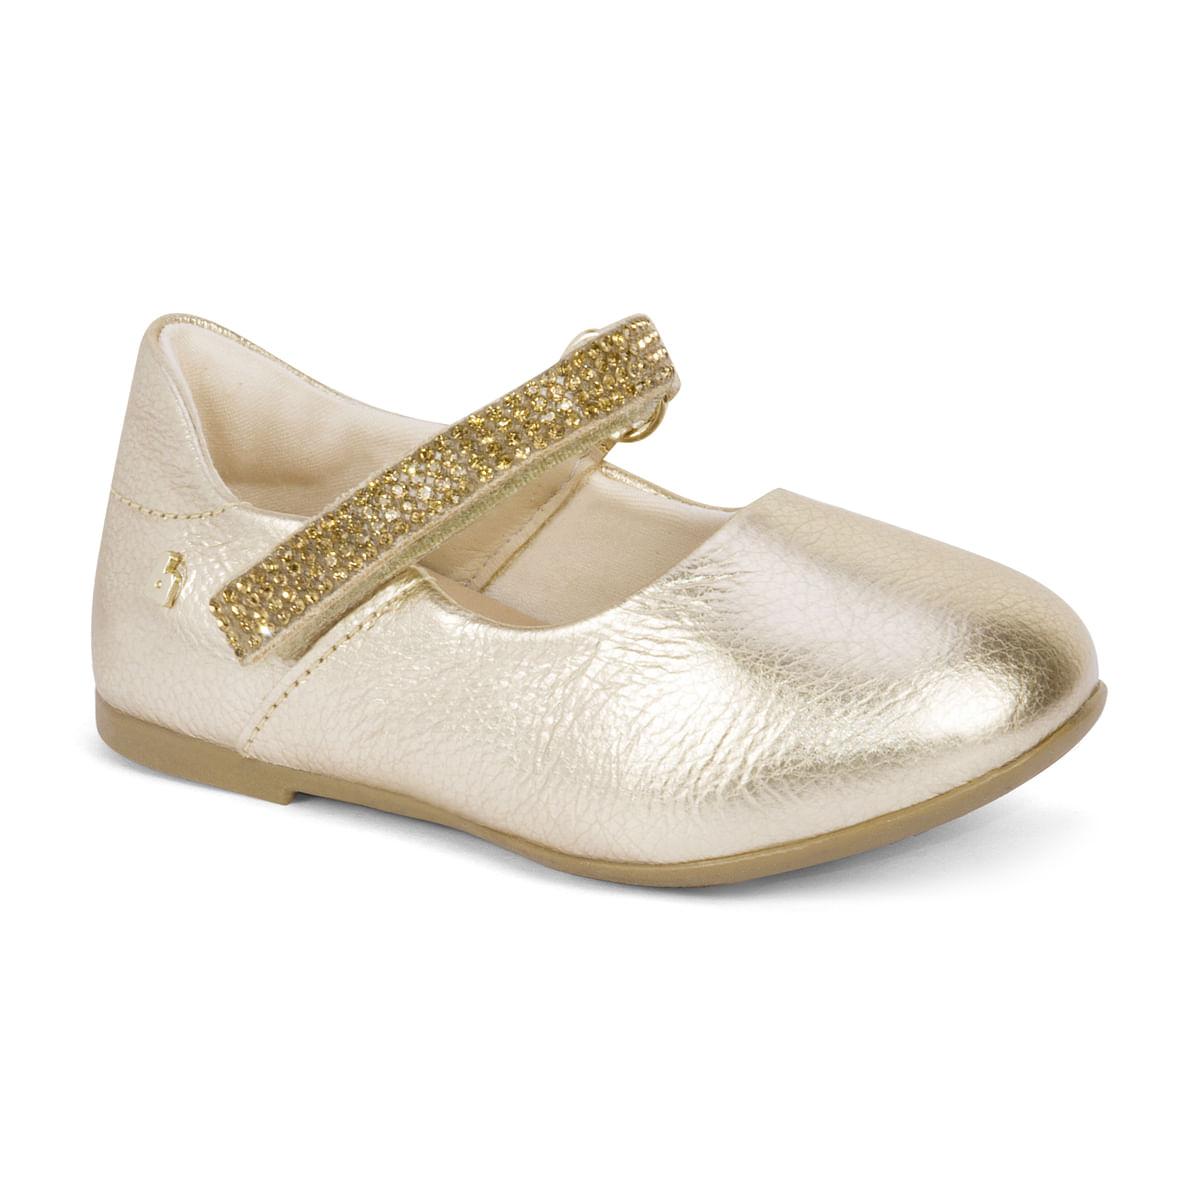 659c8ad85 Sapatilha Infantil Feminina Bibi Dourada Anjos Joy 1072025 - Bibi ...